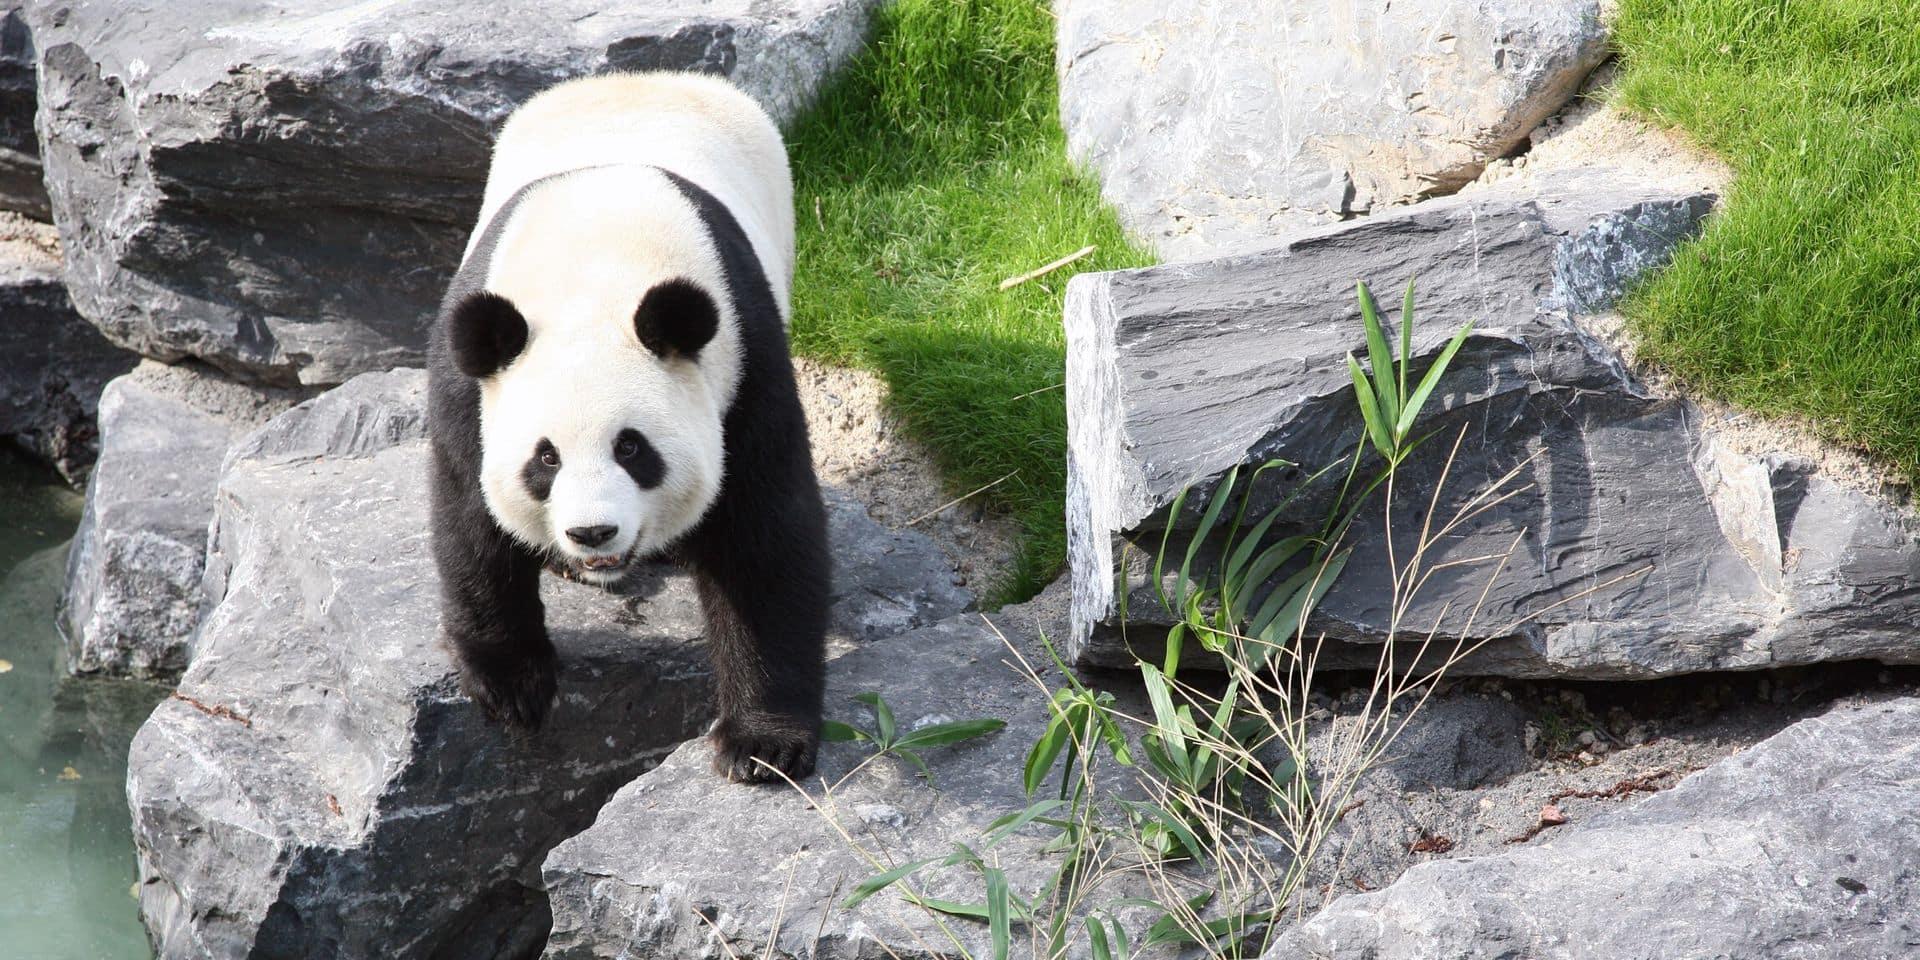 Le soigneur blessé par un panda de Pairi Daiza est toujours hospitalisé